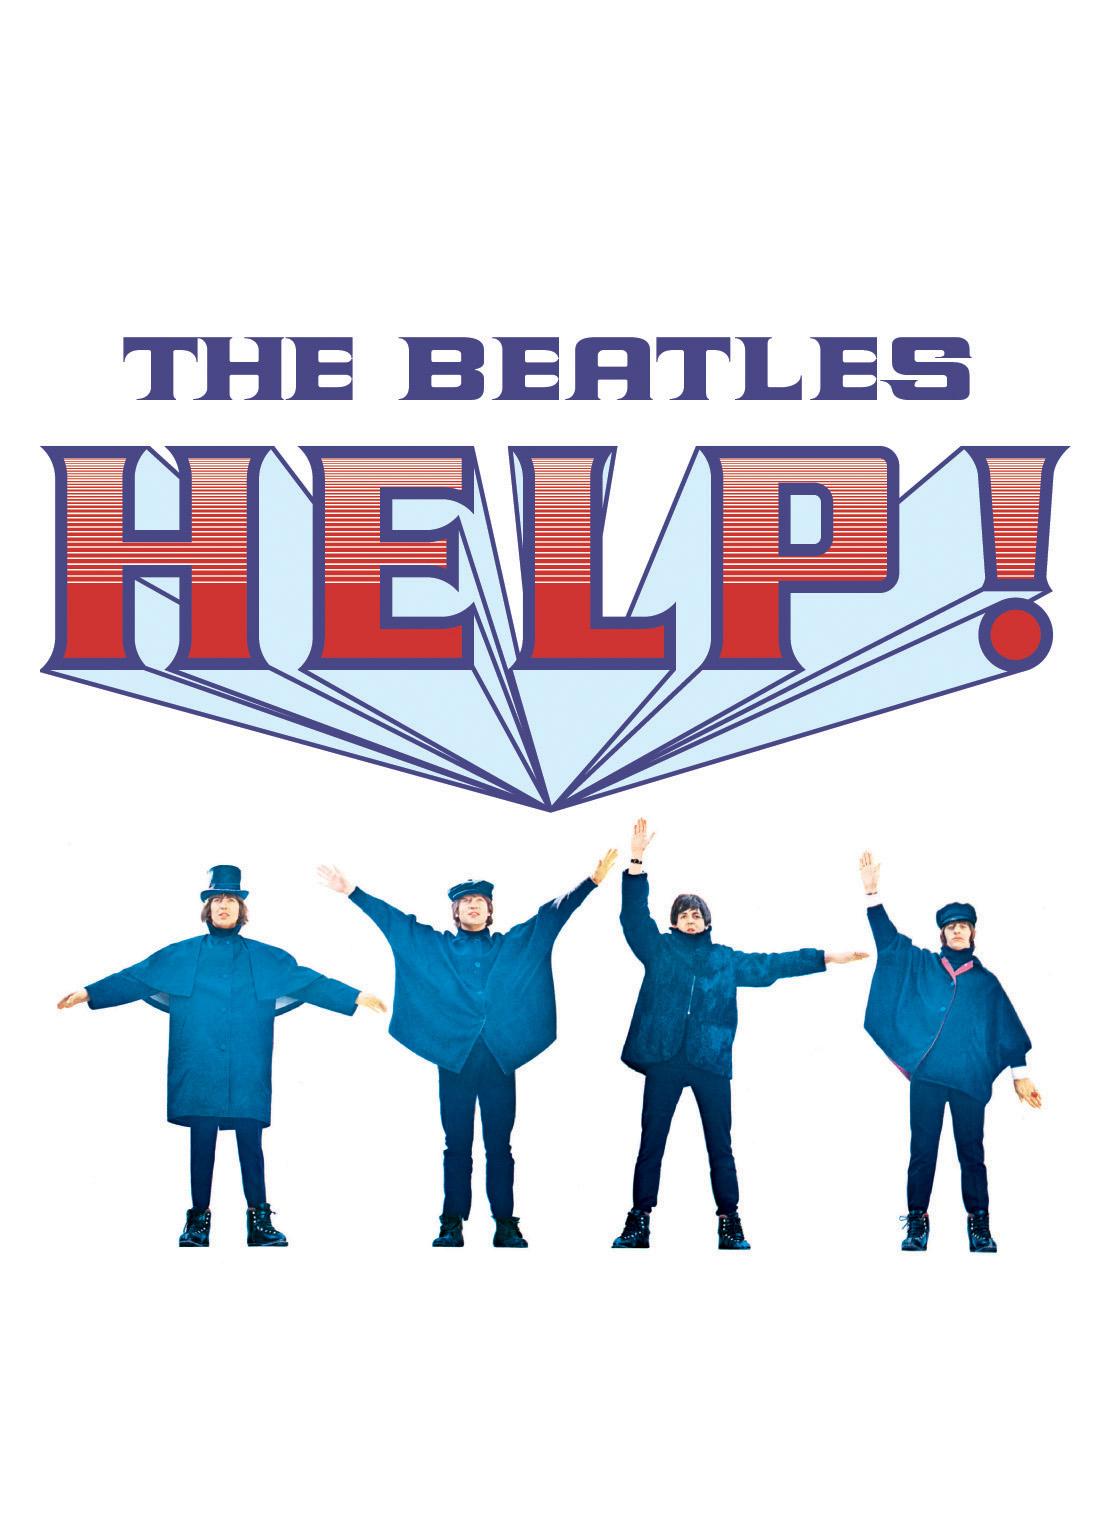 Help! The Beatles Movie images desktop backround: help! HD ...